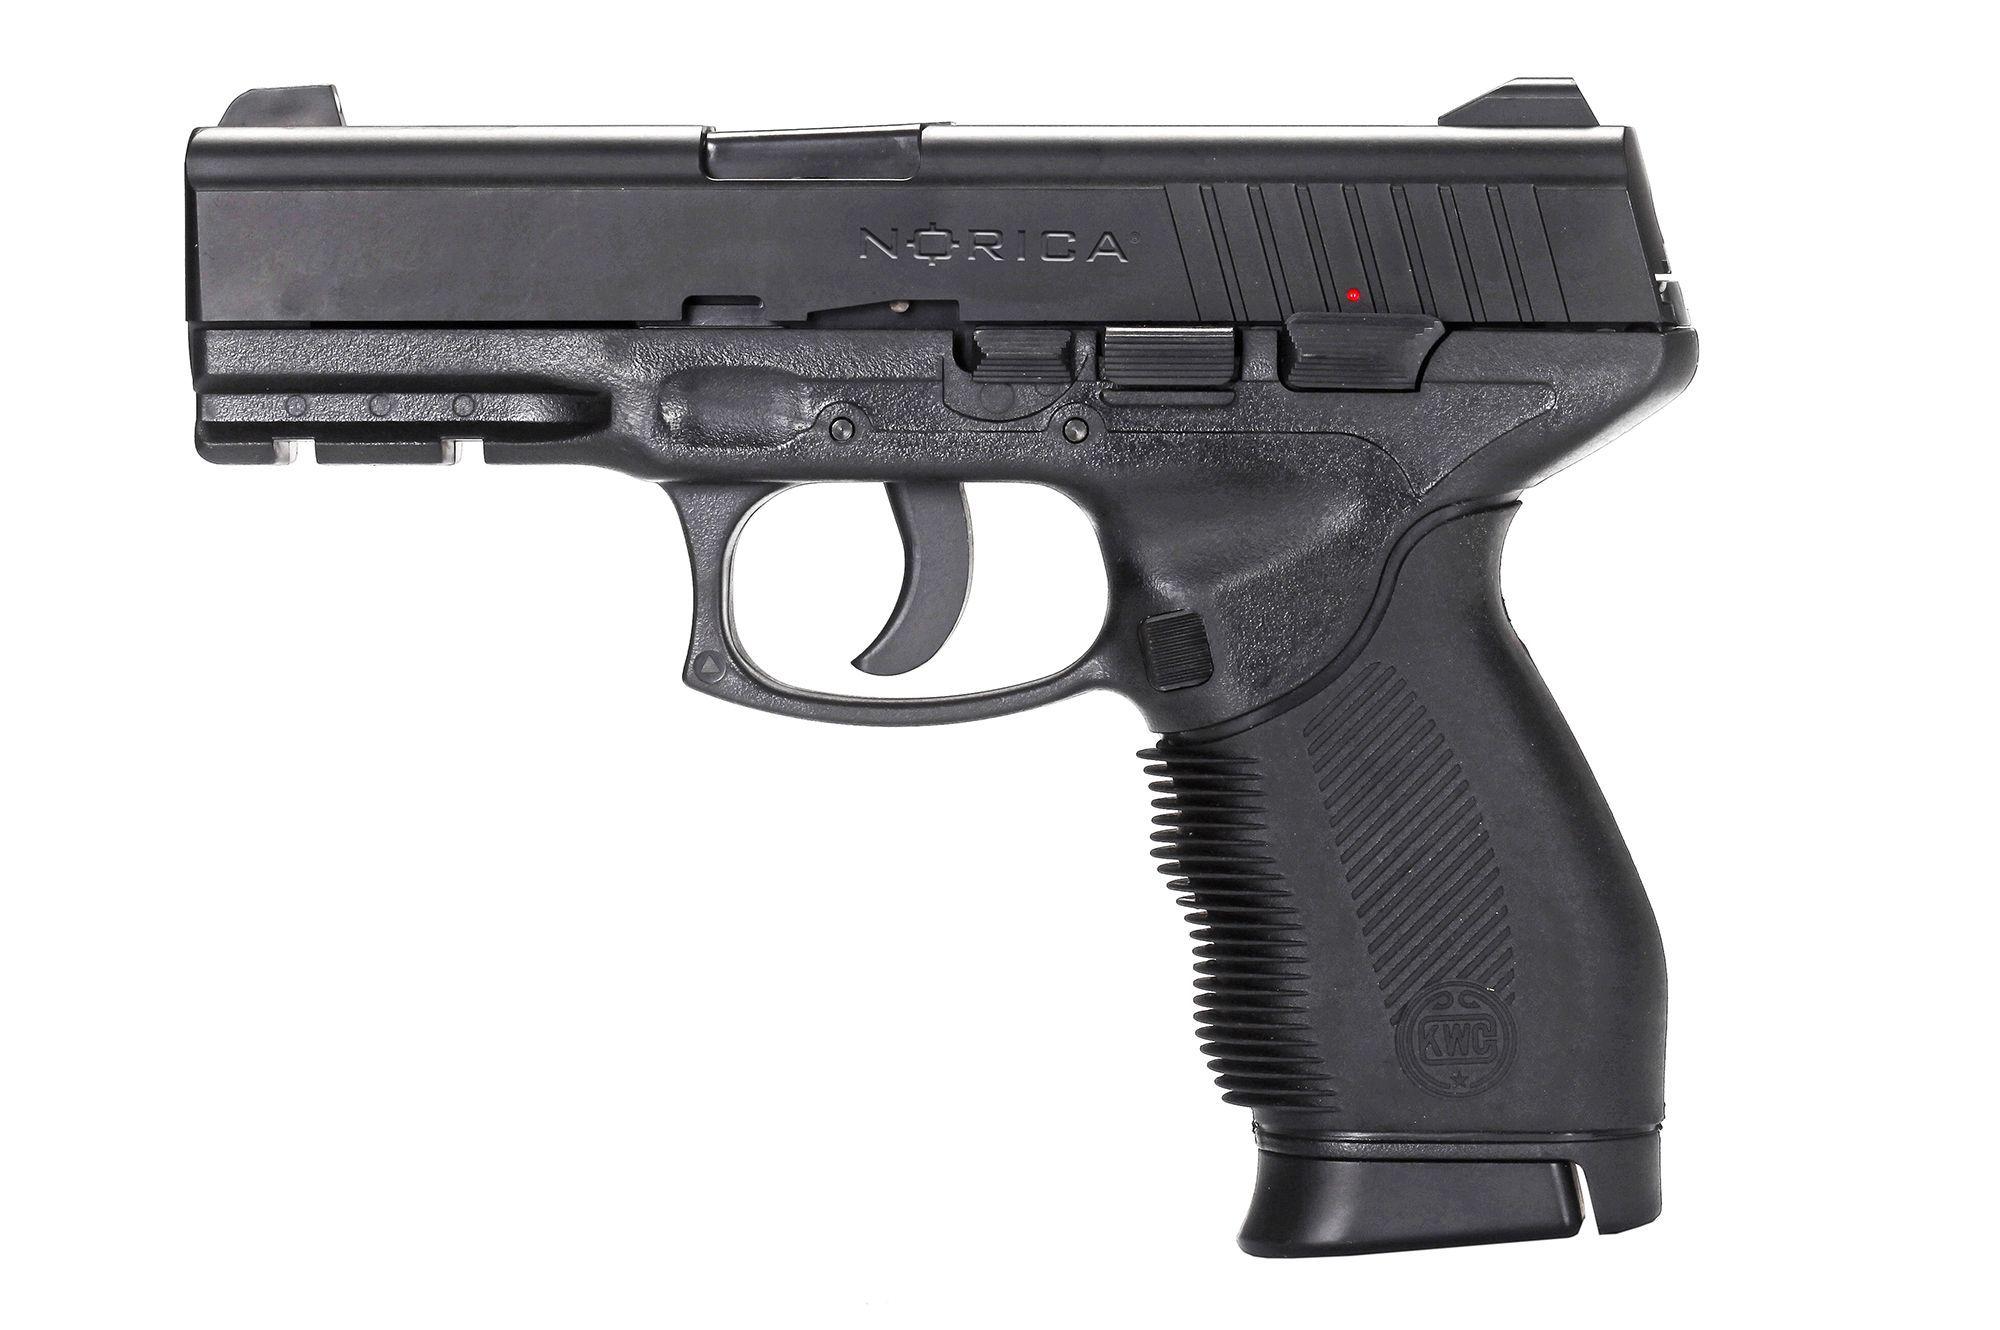 Pistola Norica N. A. C. 1701 (24/7) cal. 4.5 bbs Co2